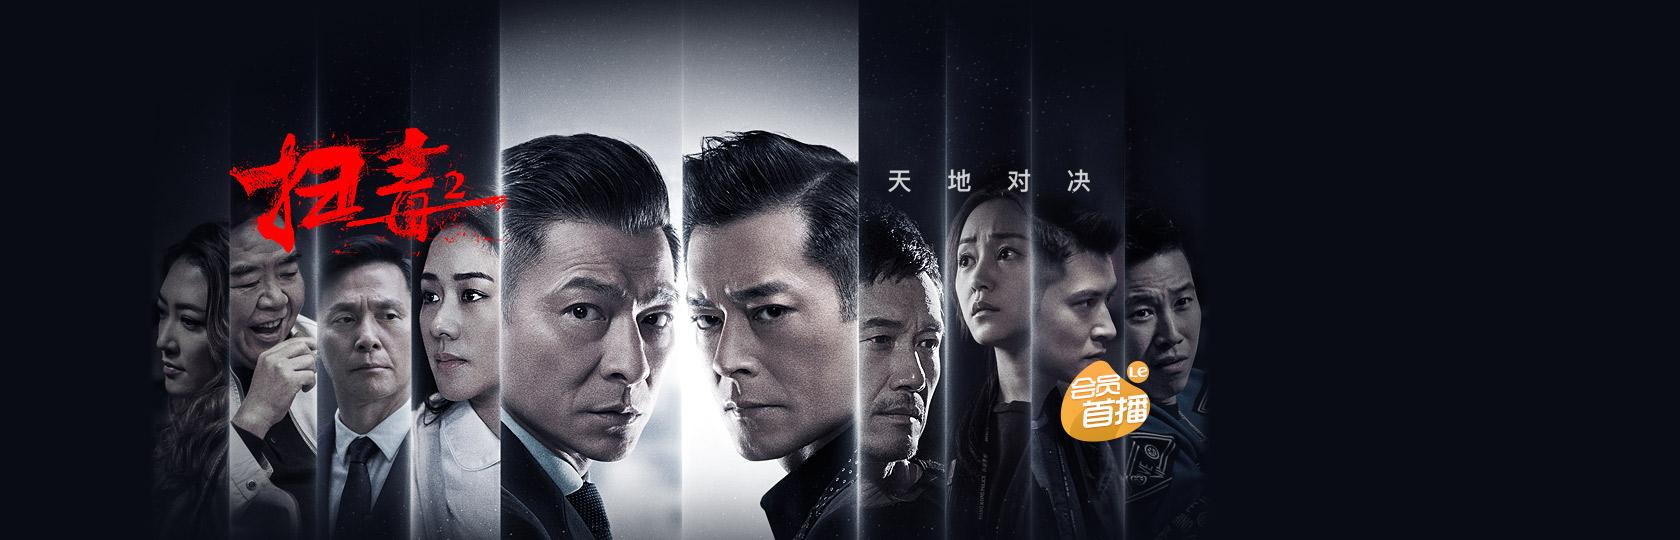 扫毒2:刘德华古天乐天地对决